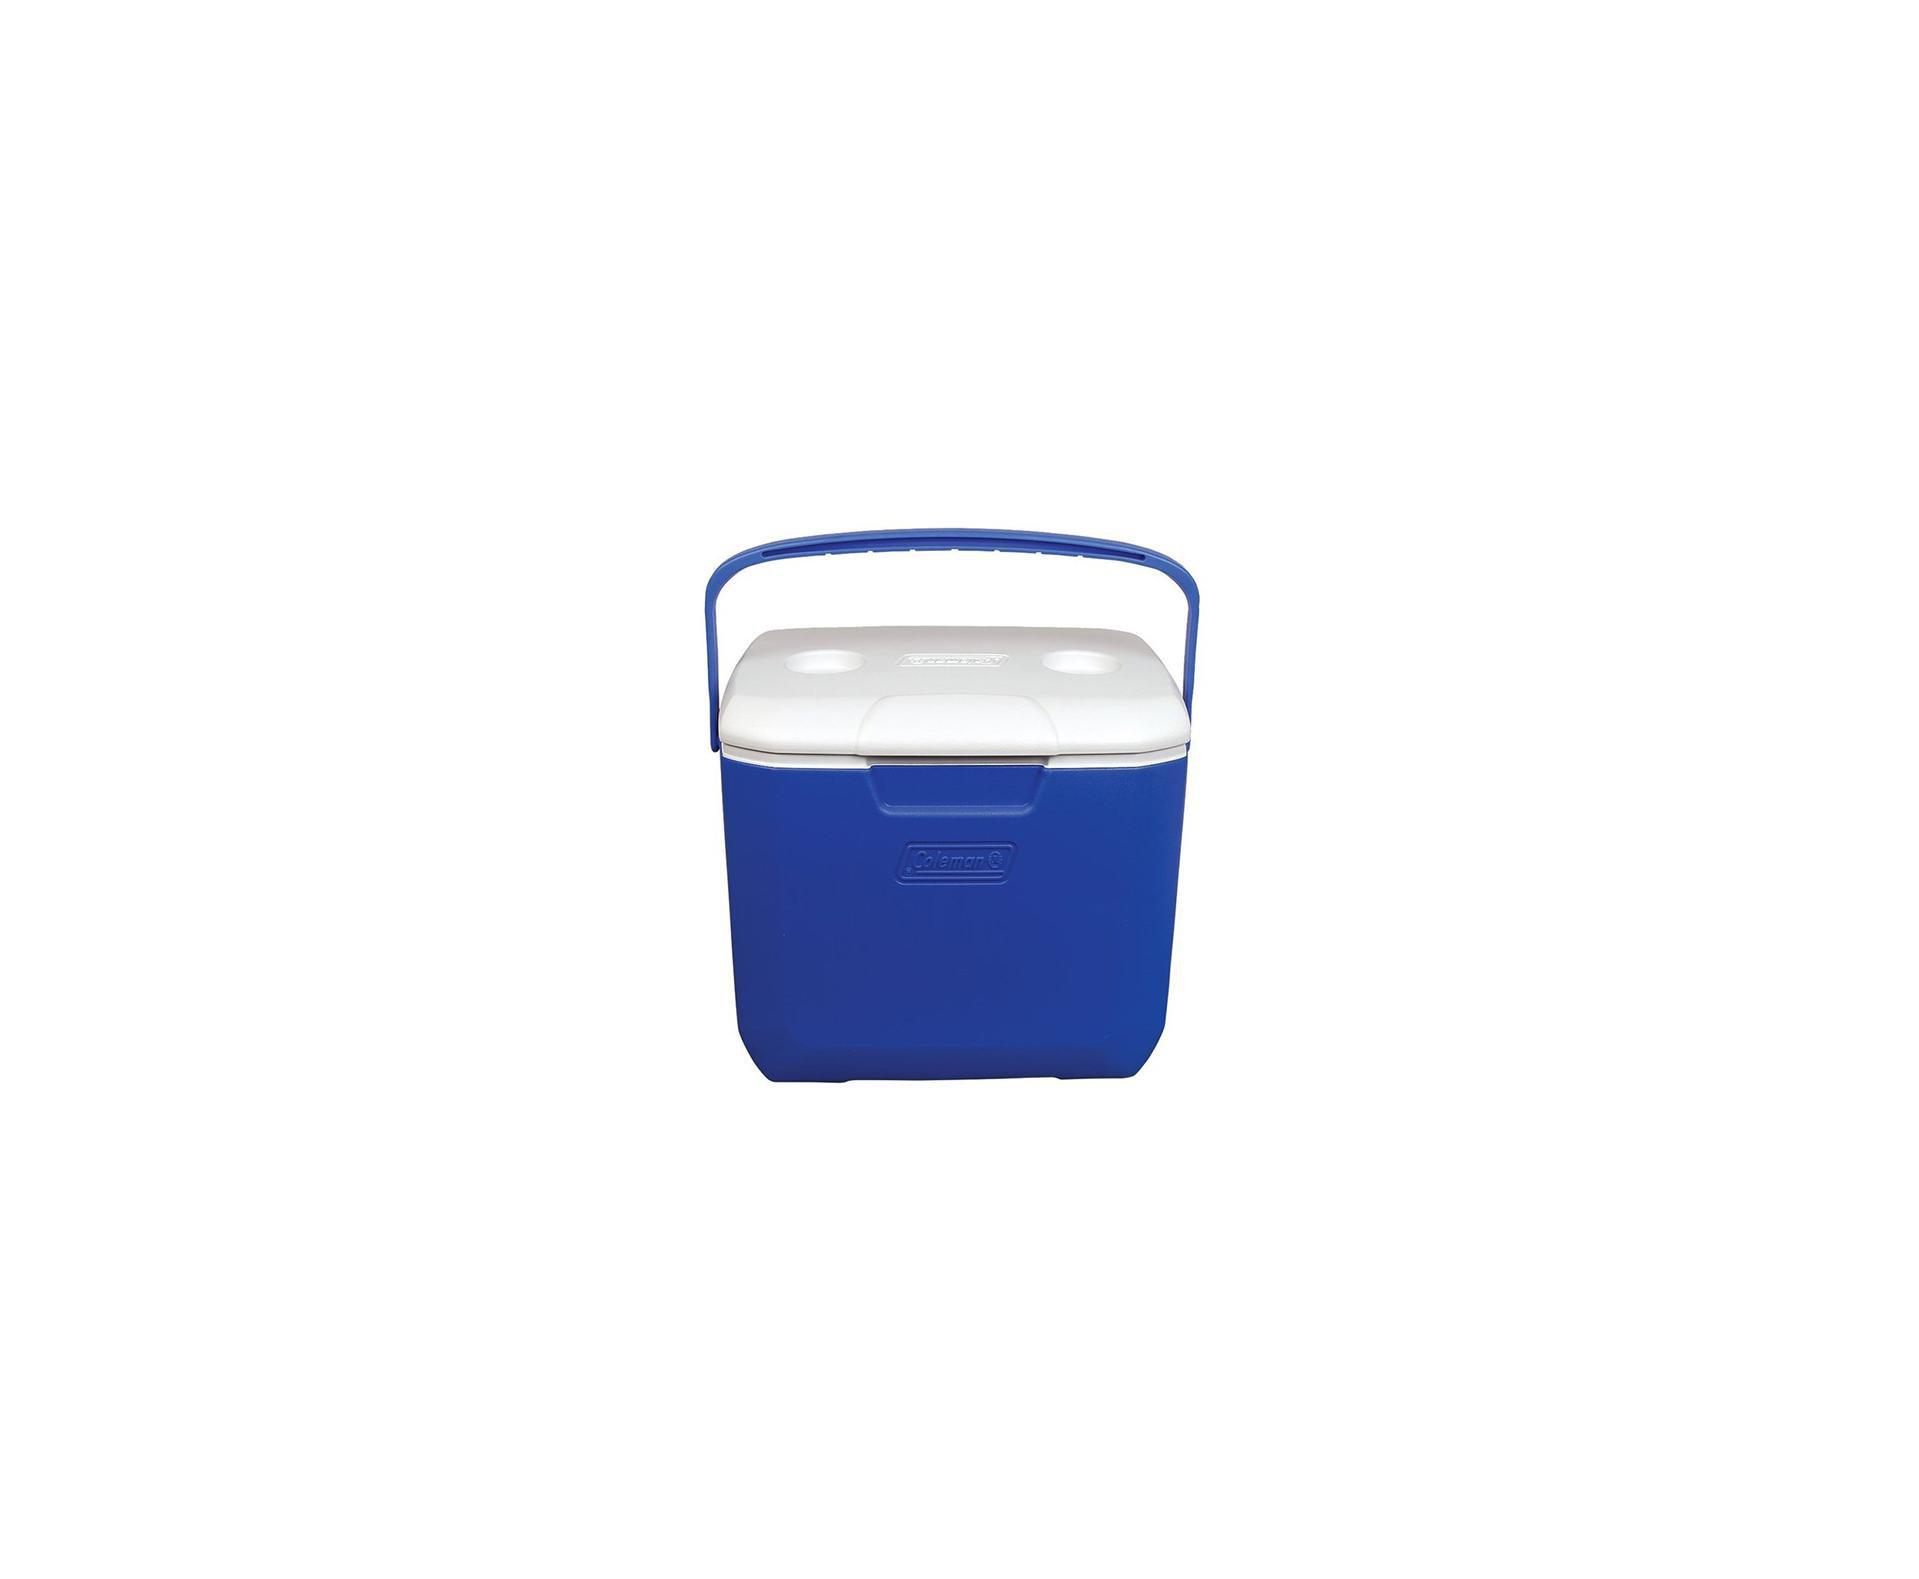 Caixa Térmica 30qt 28,3 Litros Azul - Coleman